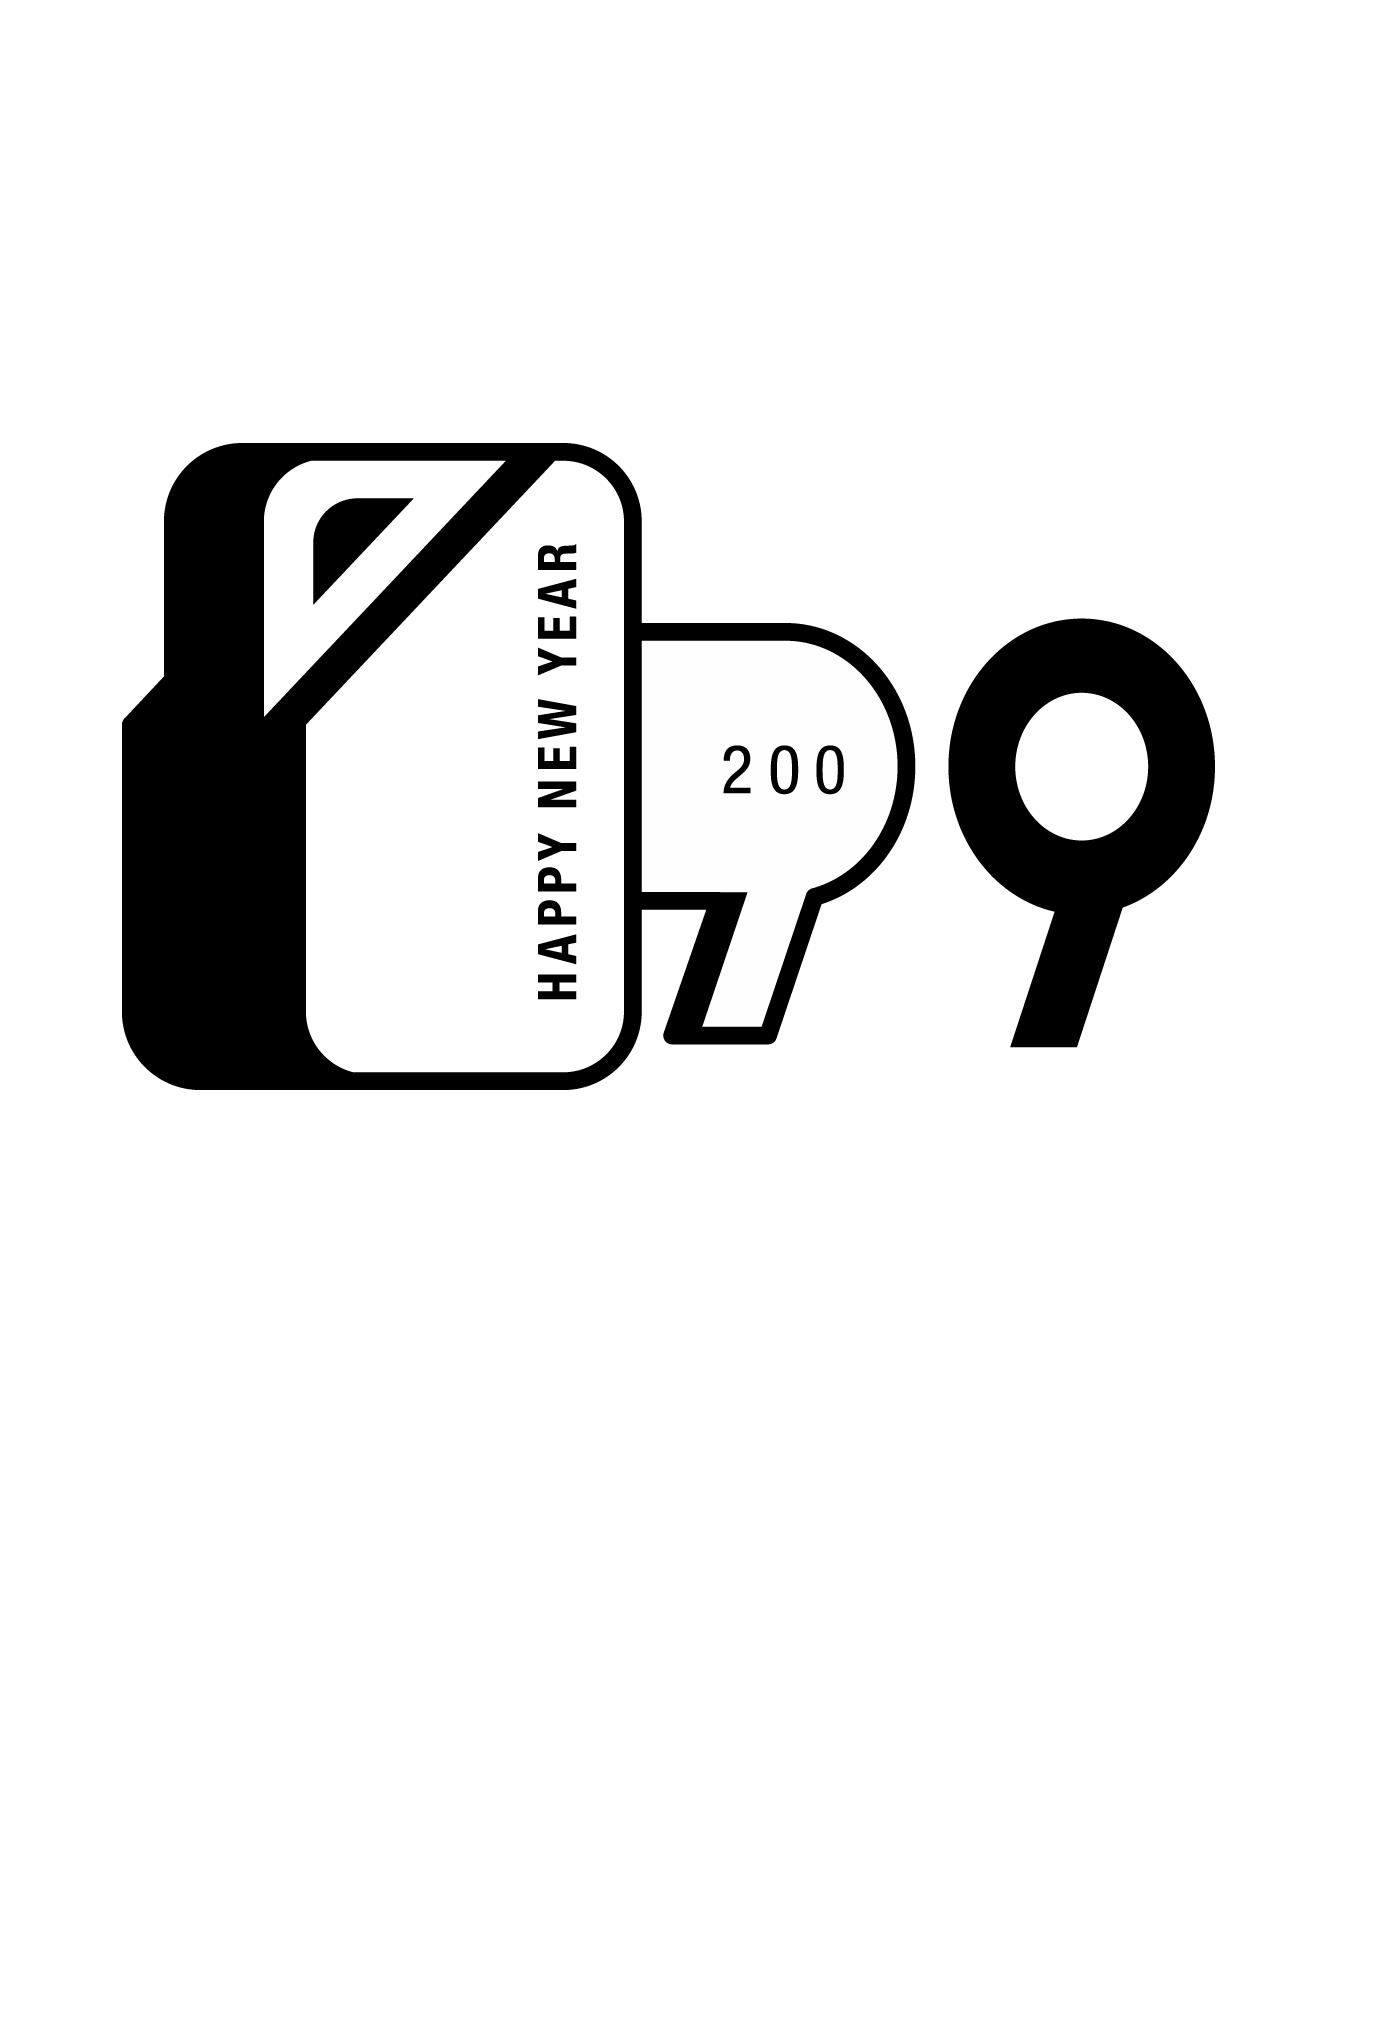 2009年賀状22:New Year's Keyのダウンロード画像